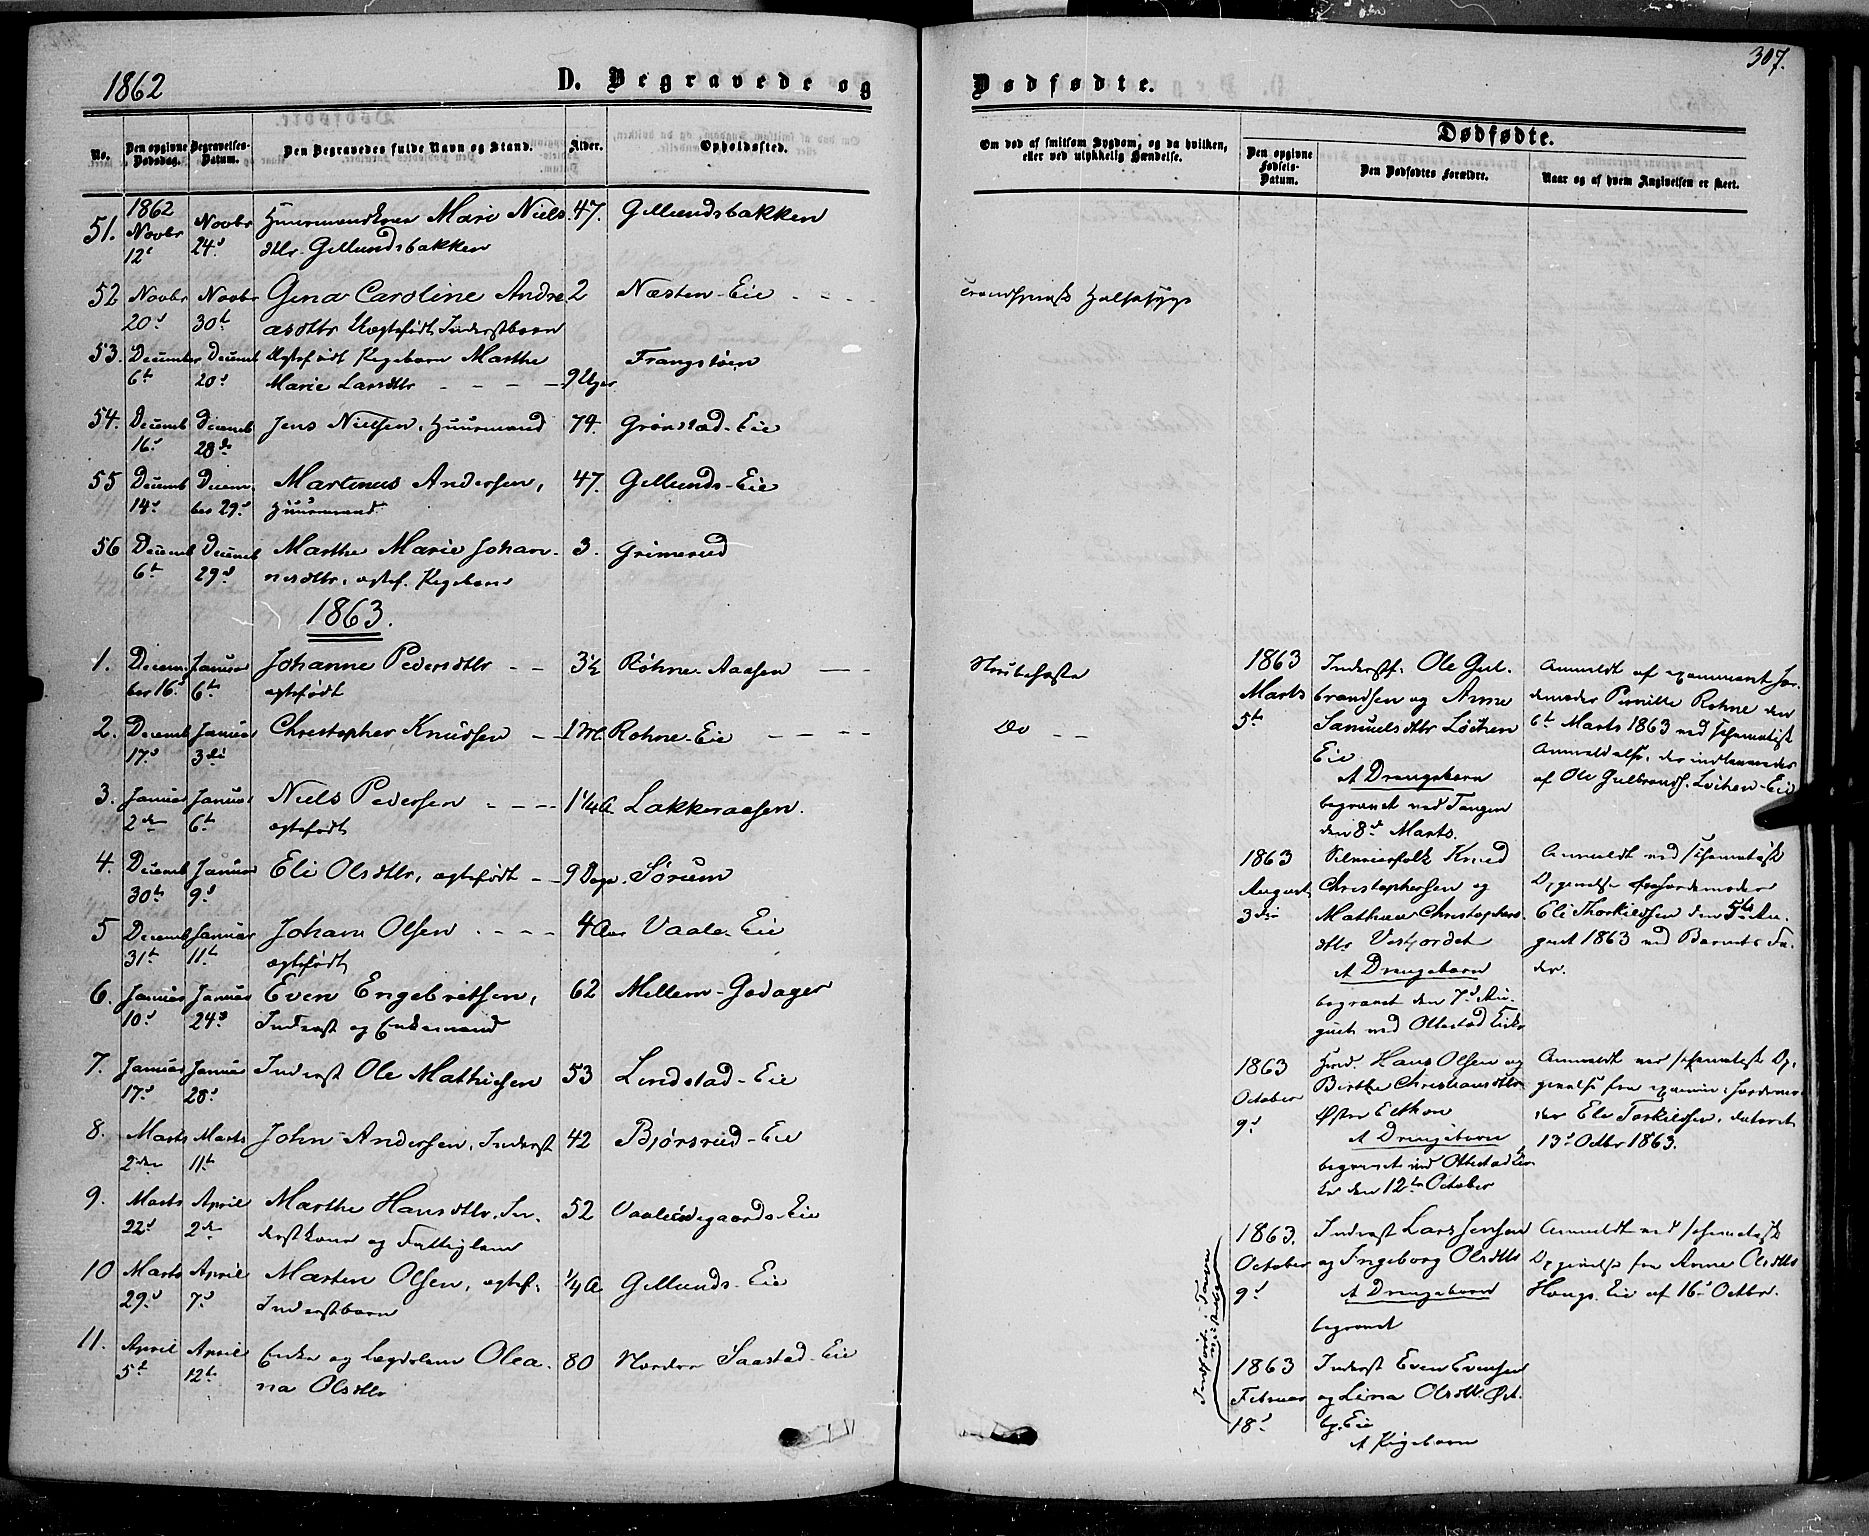 SAH, Stange prestekontor, K/L0013: Parish register (official) no. 13, 1862-1879, p. 307